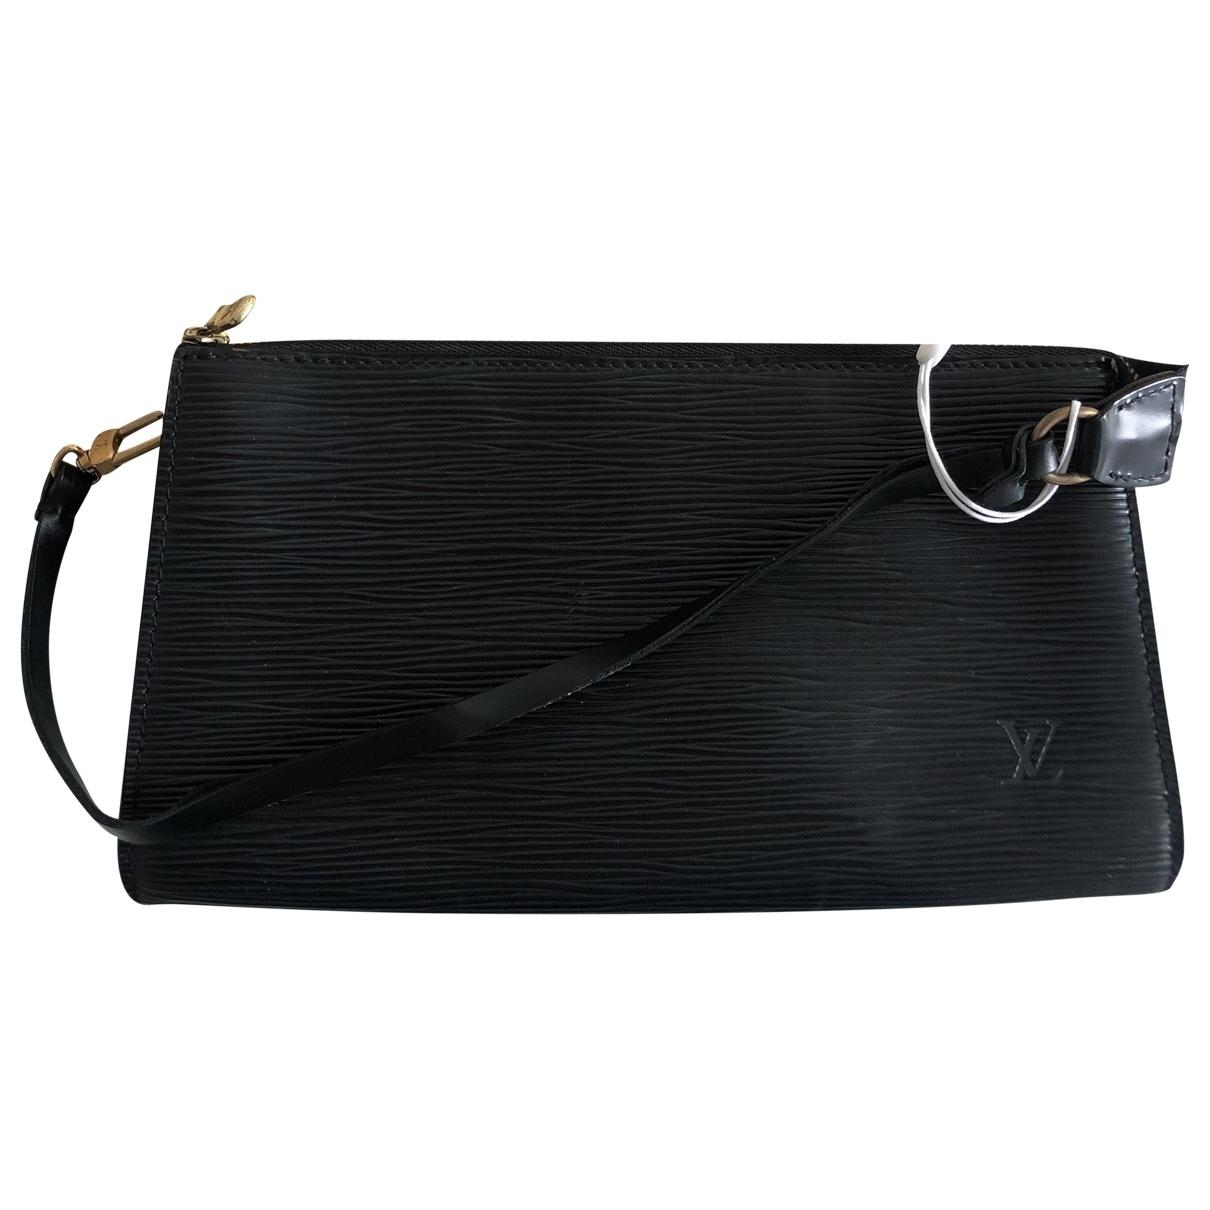 Pochette Accessoire de Cuero Louis Vuitton